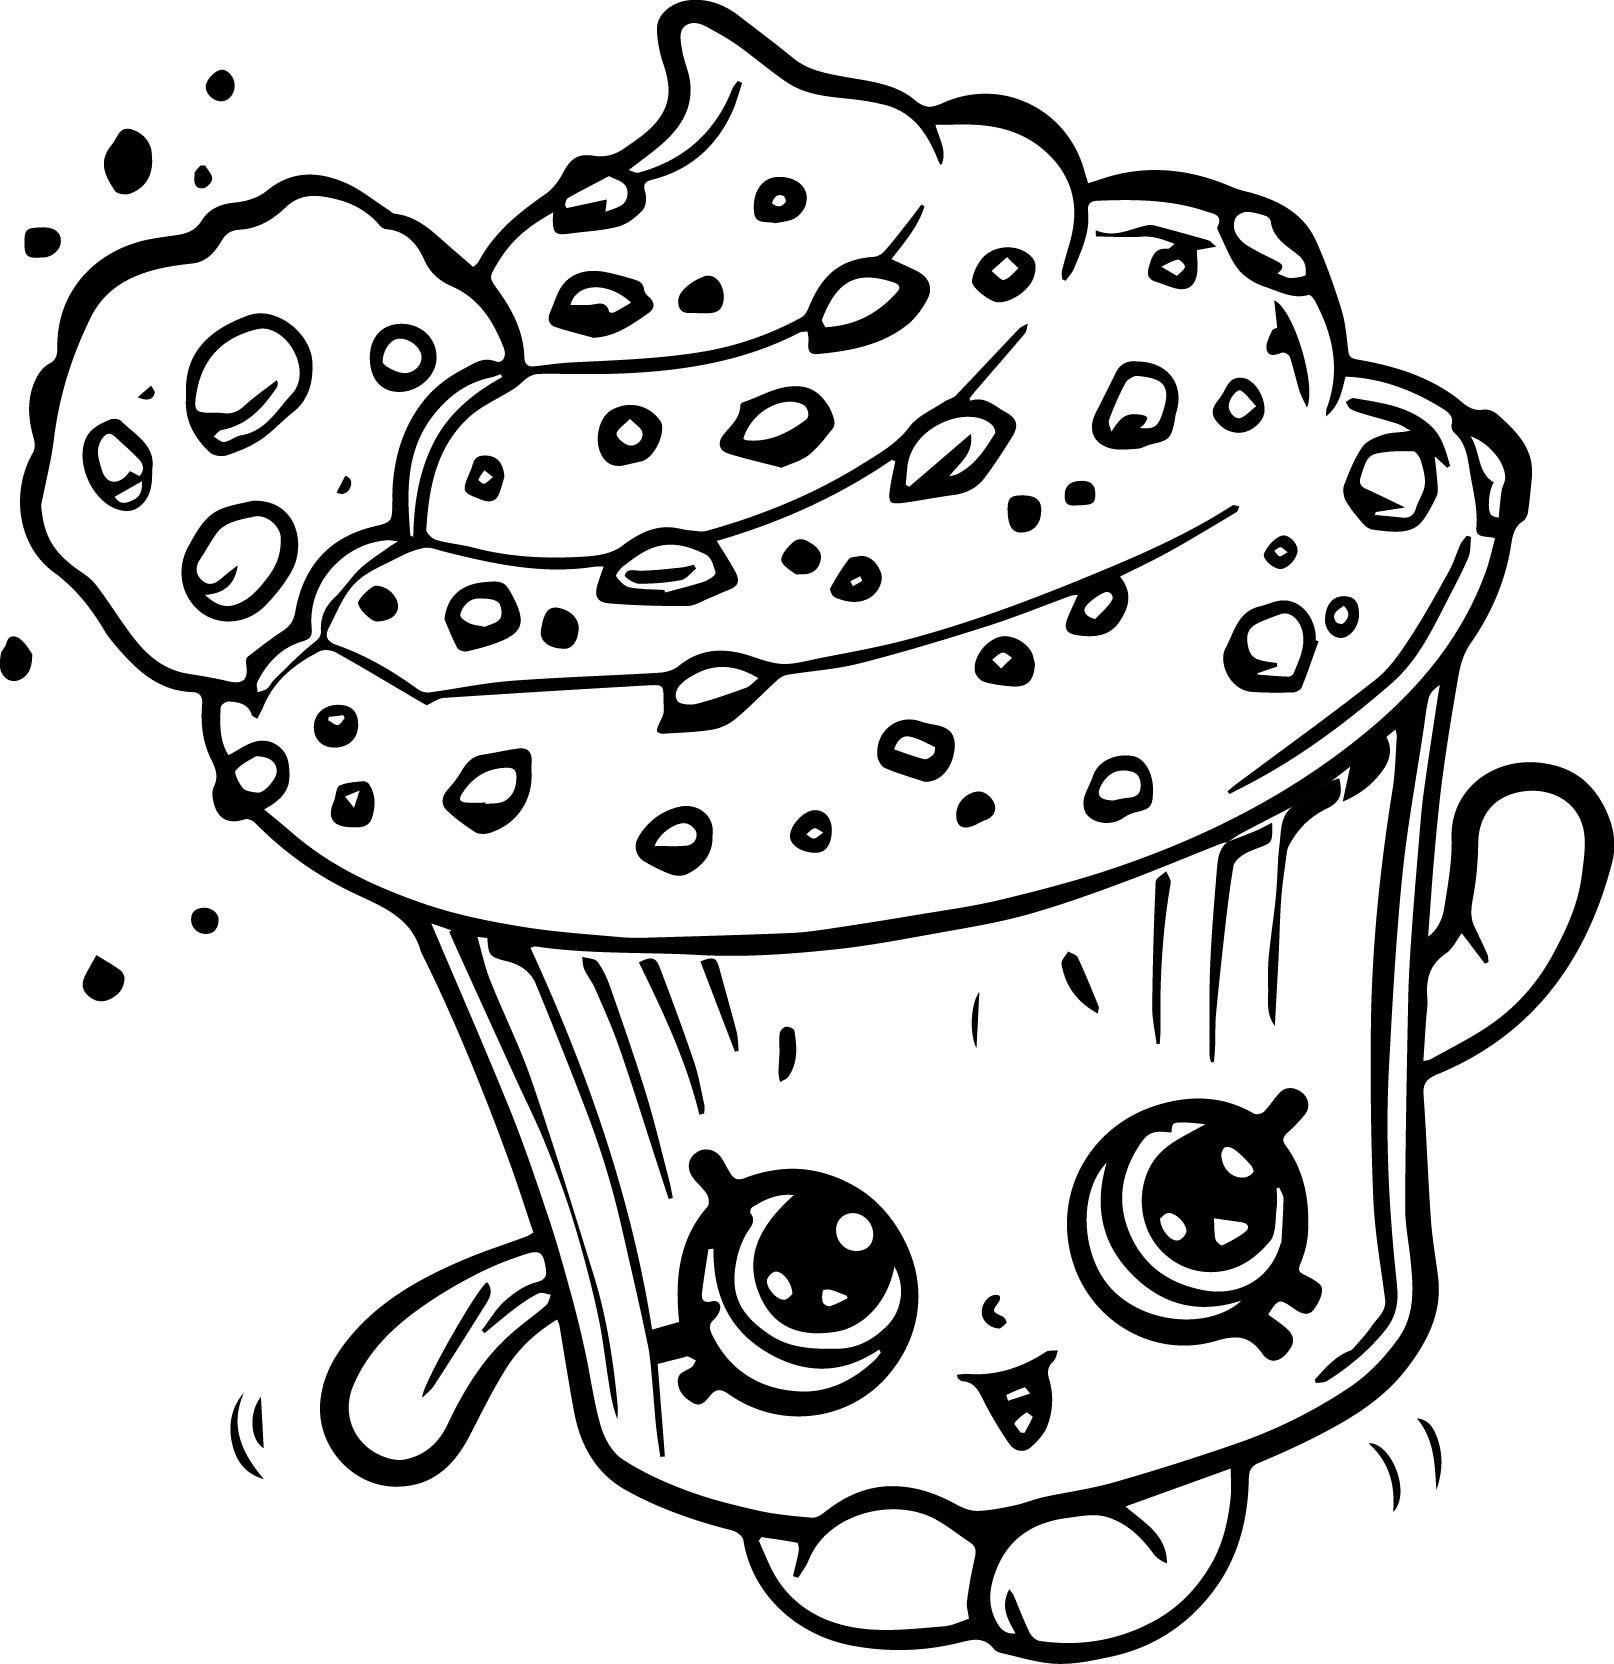 dibujos de shopkins para colorear cositas entretenidas y faciles de hacer dibujos de shopkins colorear de para dibujos